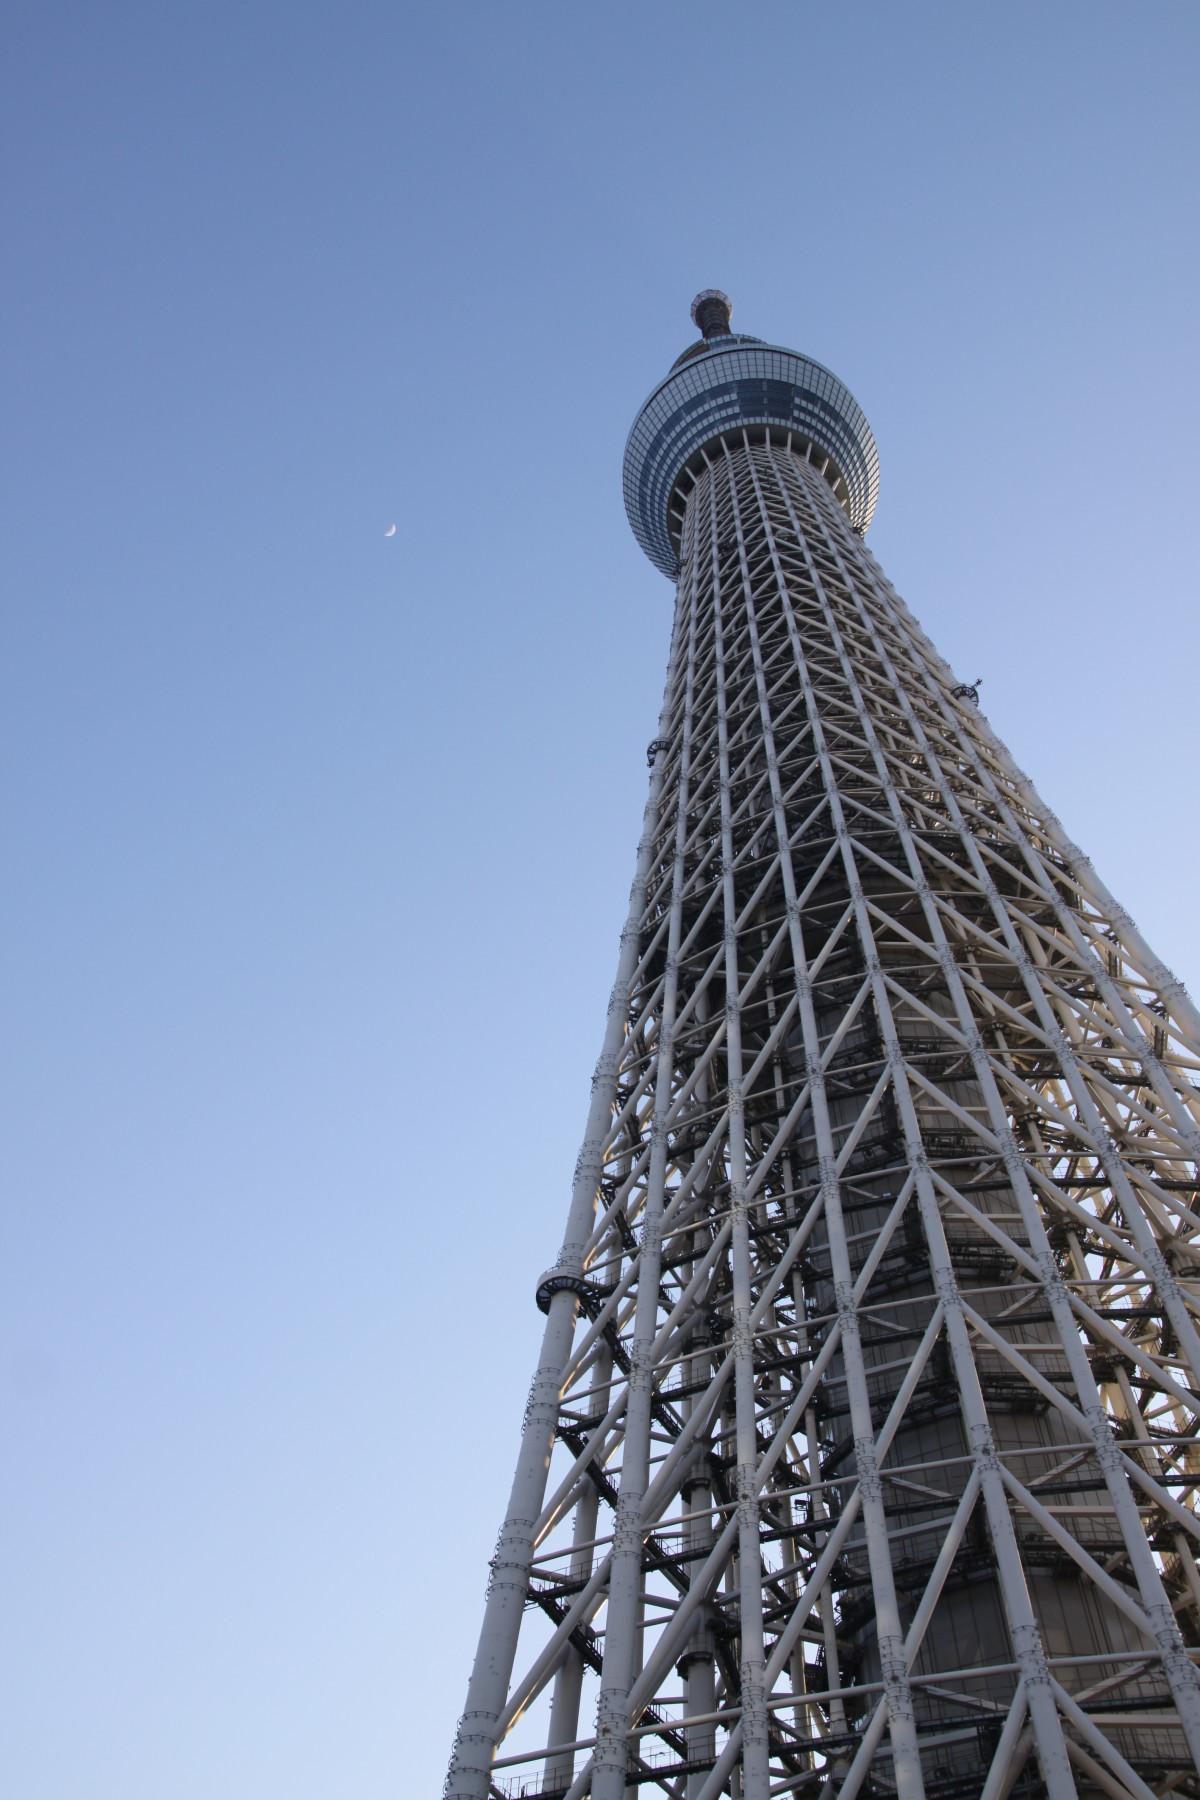 超高層ビル タワー マスト ランドマーク 日本 高層ビル 東京 尖塔 尖塔 観測塔 スカイツリー